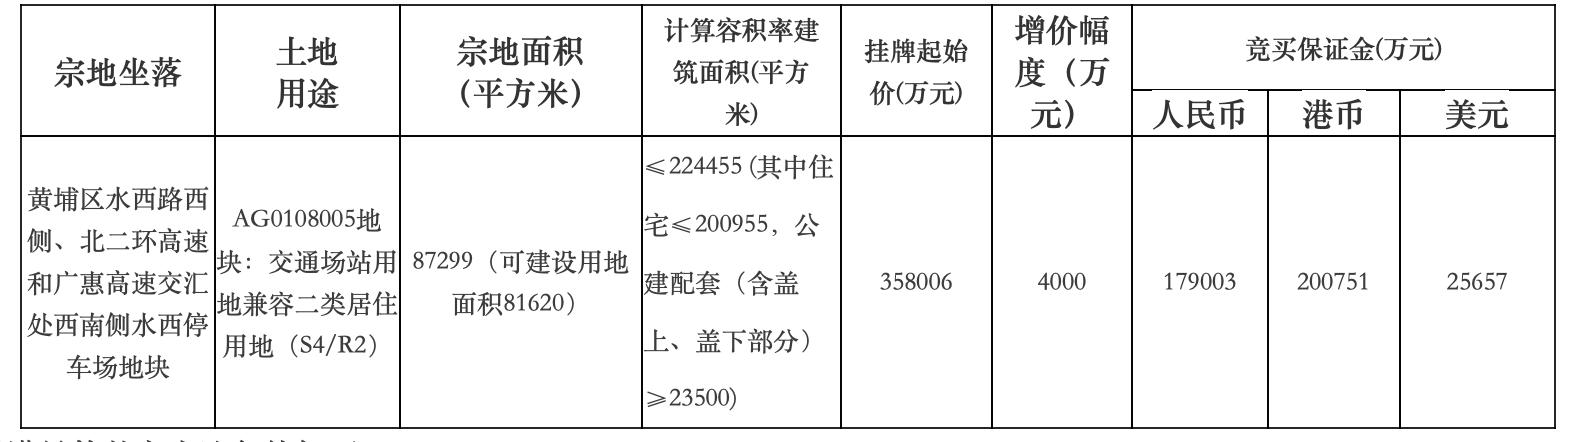 WeChat3c00f70a57eb8eb7e8193cce4a1892c1.png